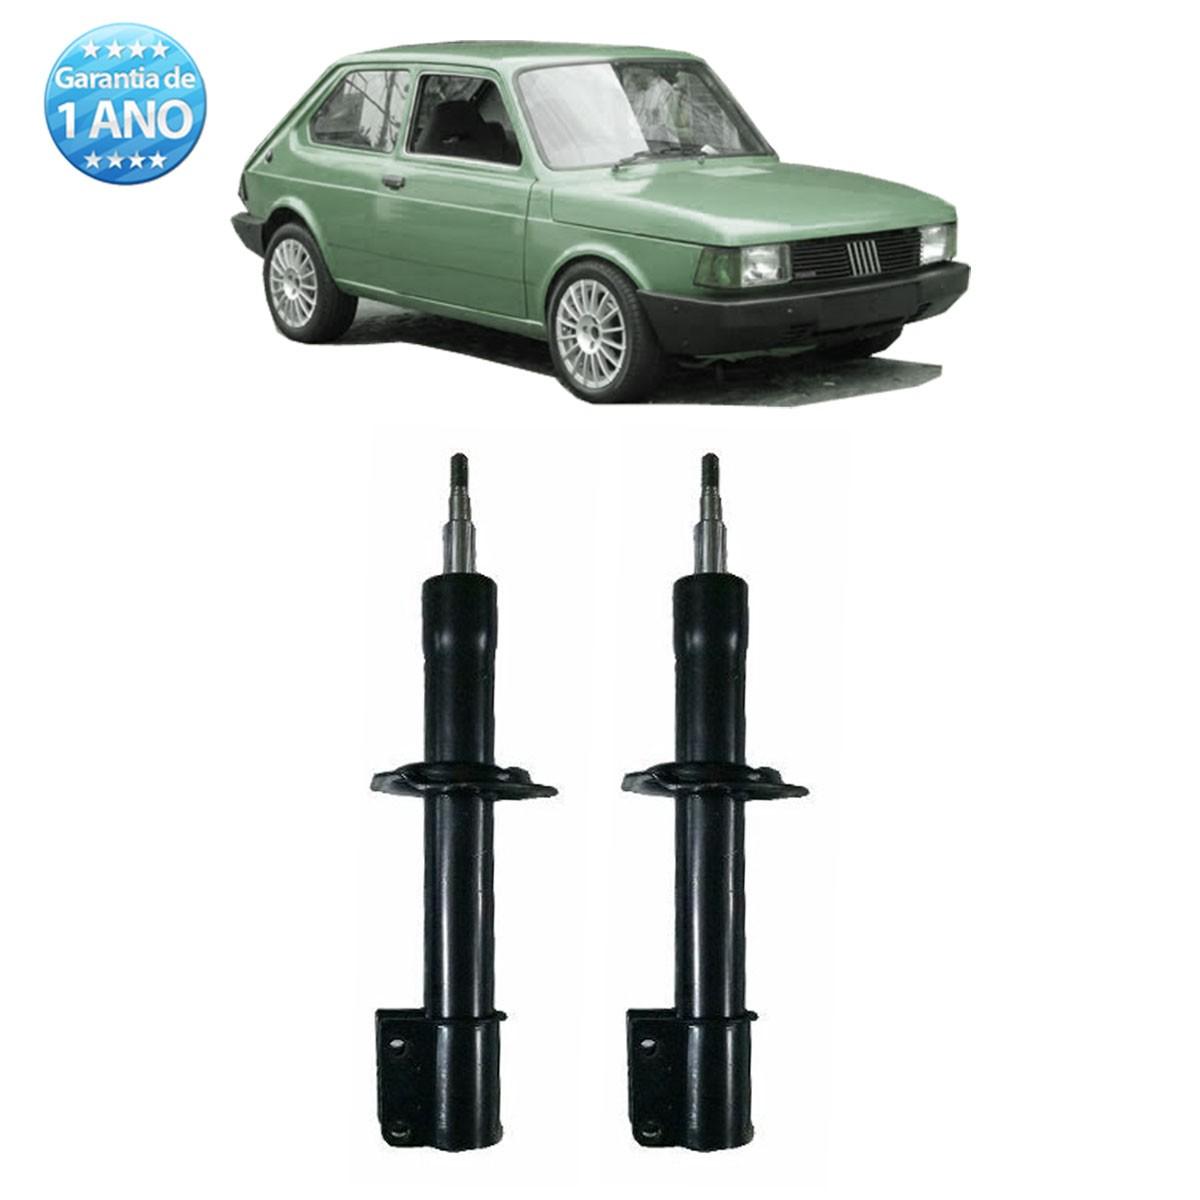 Par de Amortecedores Dianteiro Remanufaturados Fiat 147 Spazio Oggi Paronama 1977 Até 1986